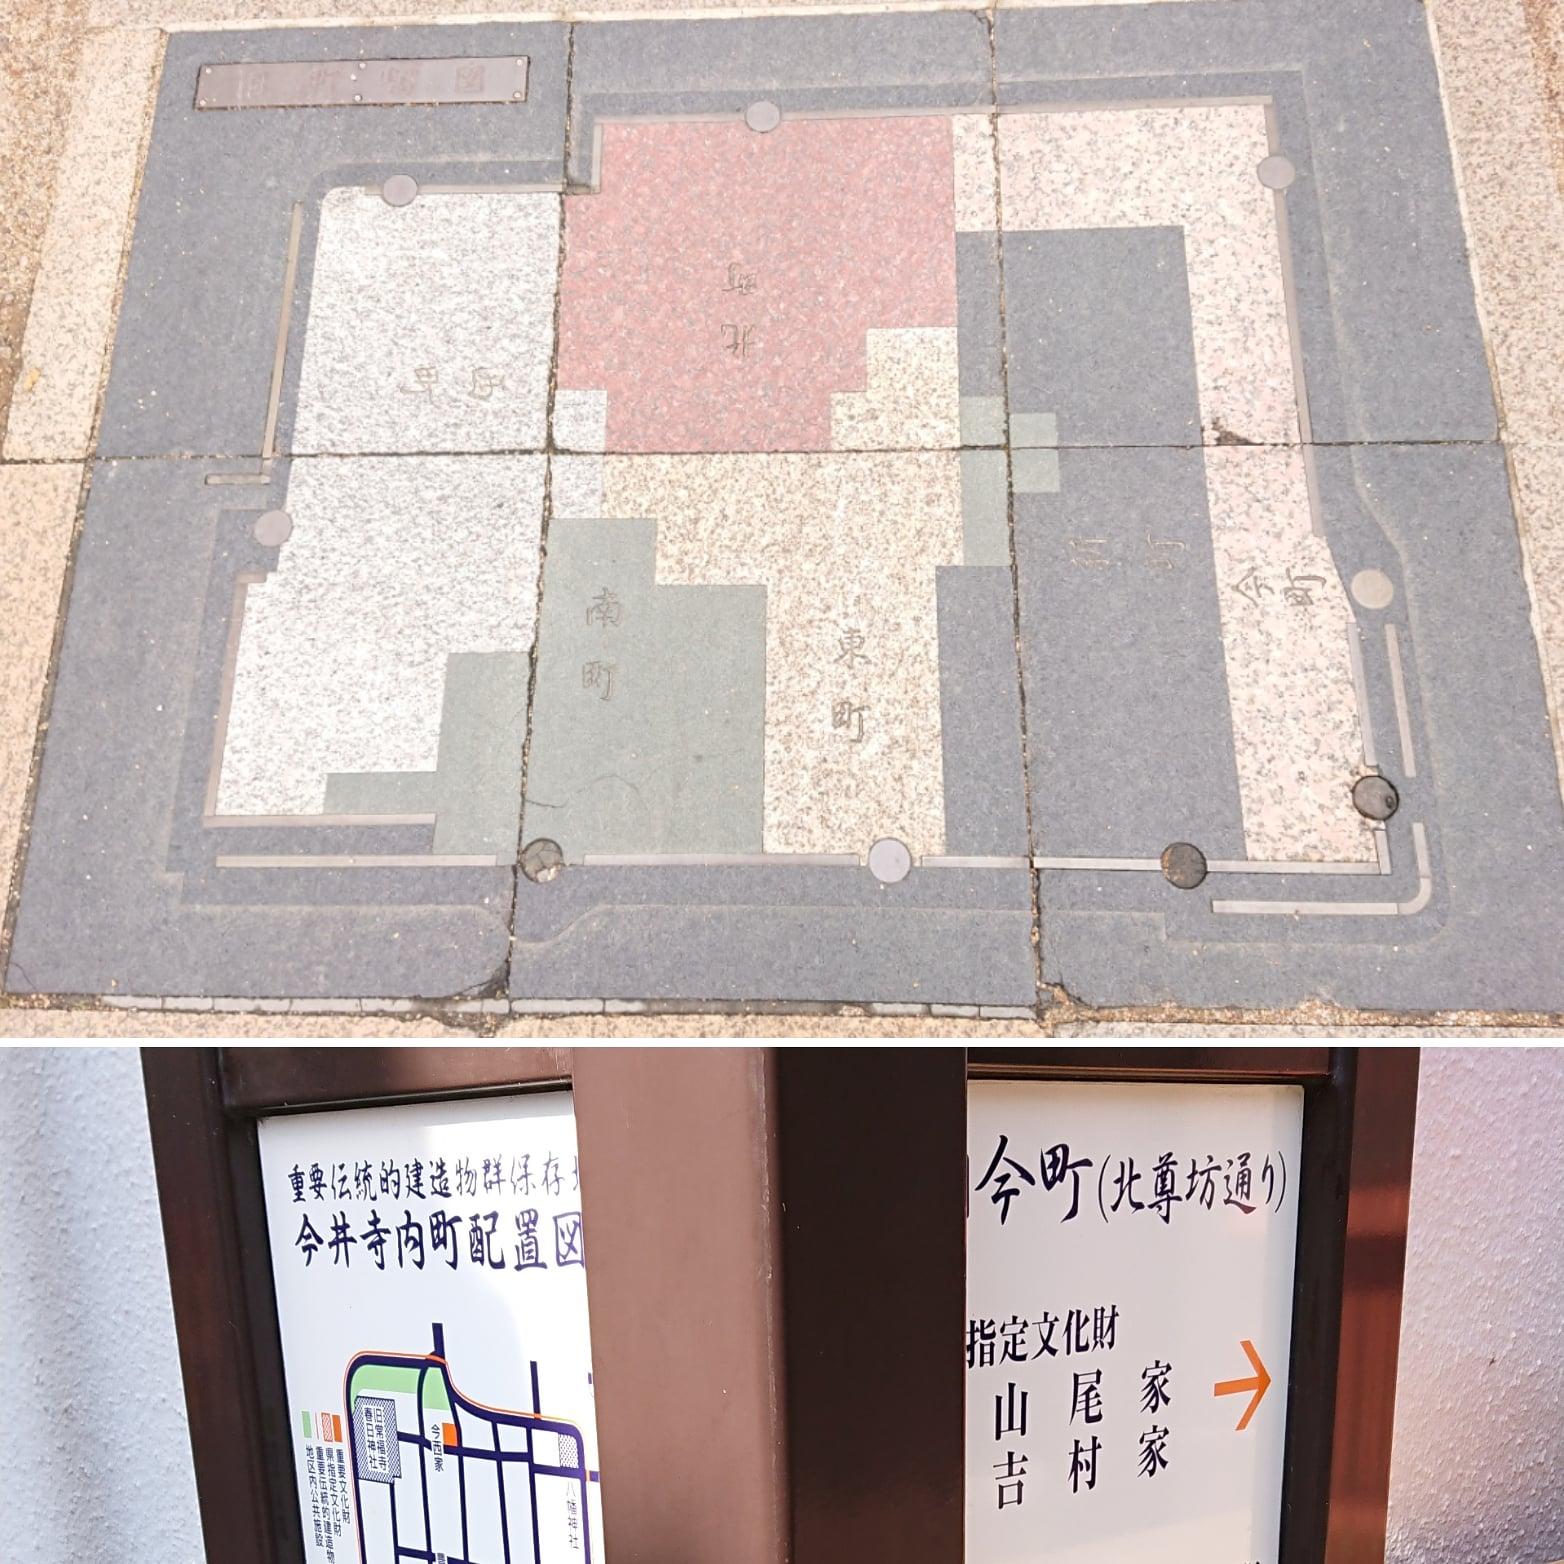 (上写真)地面に描かれた町割り。東西南北の各町に、拡大して飛鳥川に近い「ももや」がある「今町」と「新町」が加わり、現在の形になった。(下写真)「ももや」の敷地内にある町の案内標識板